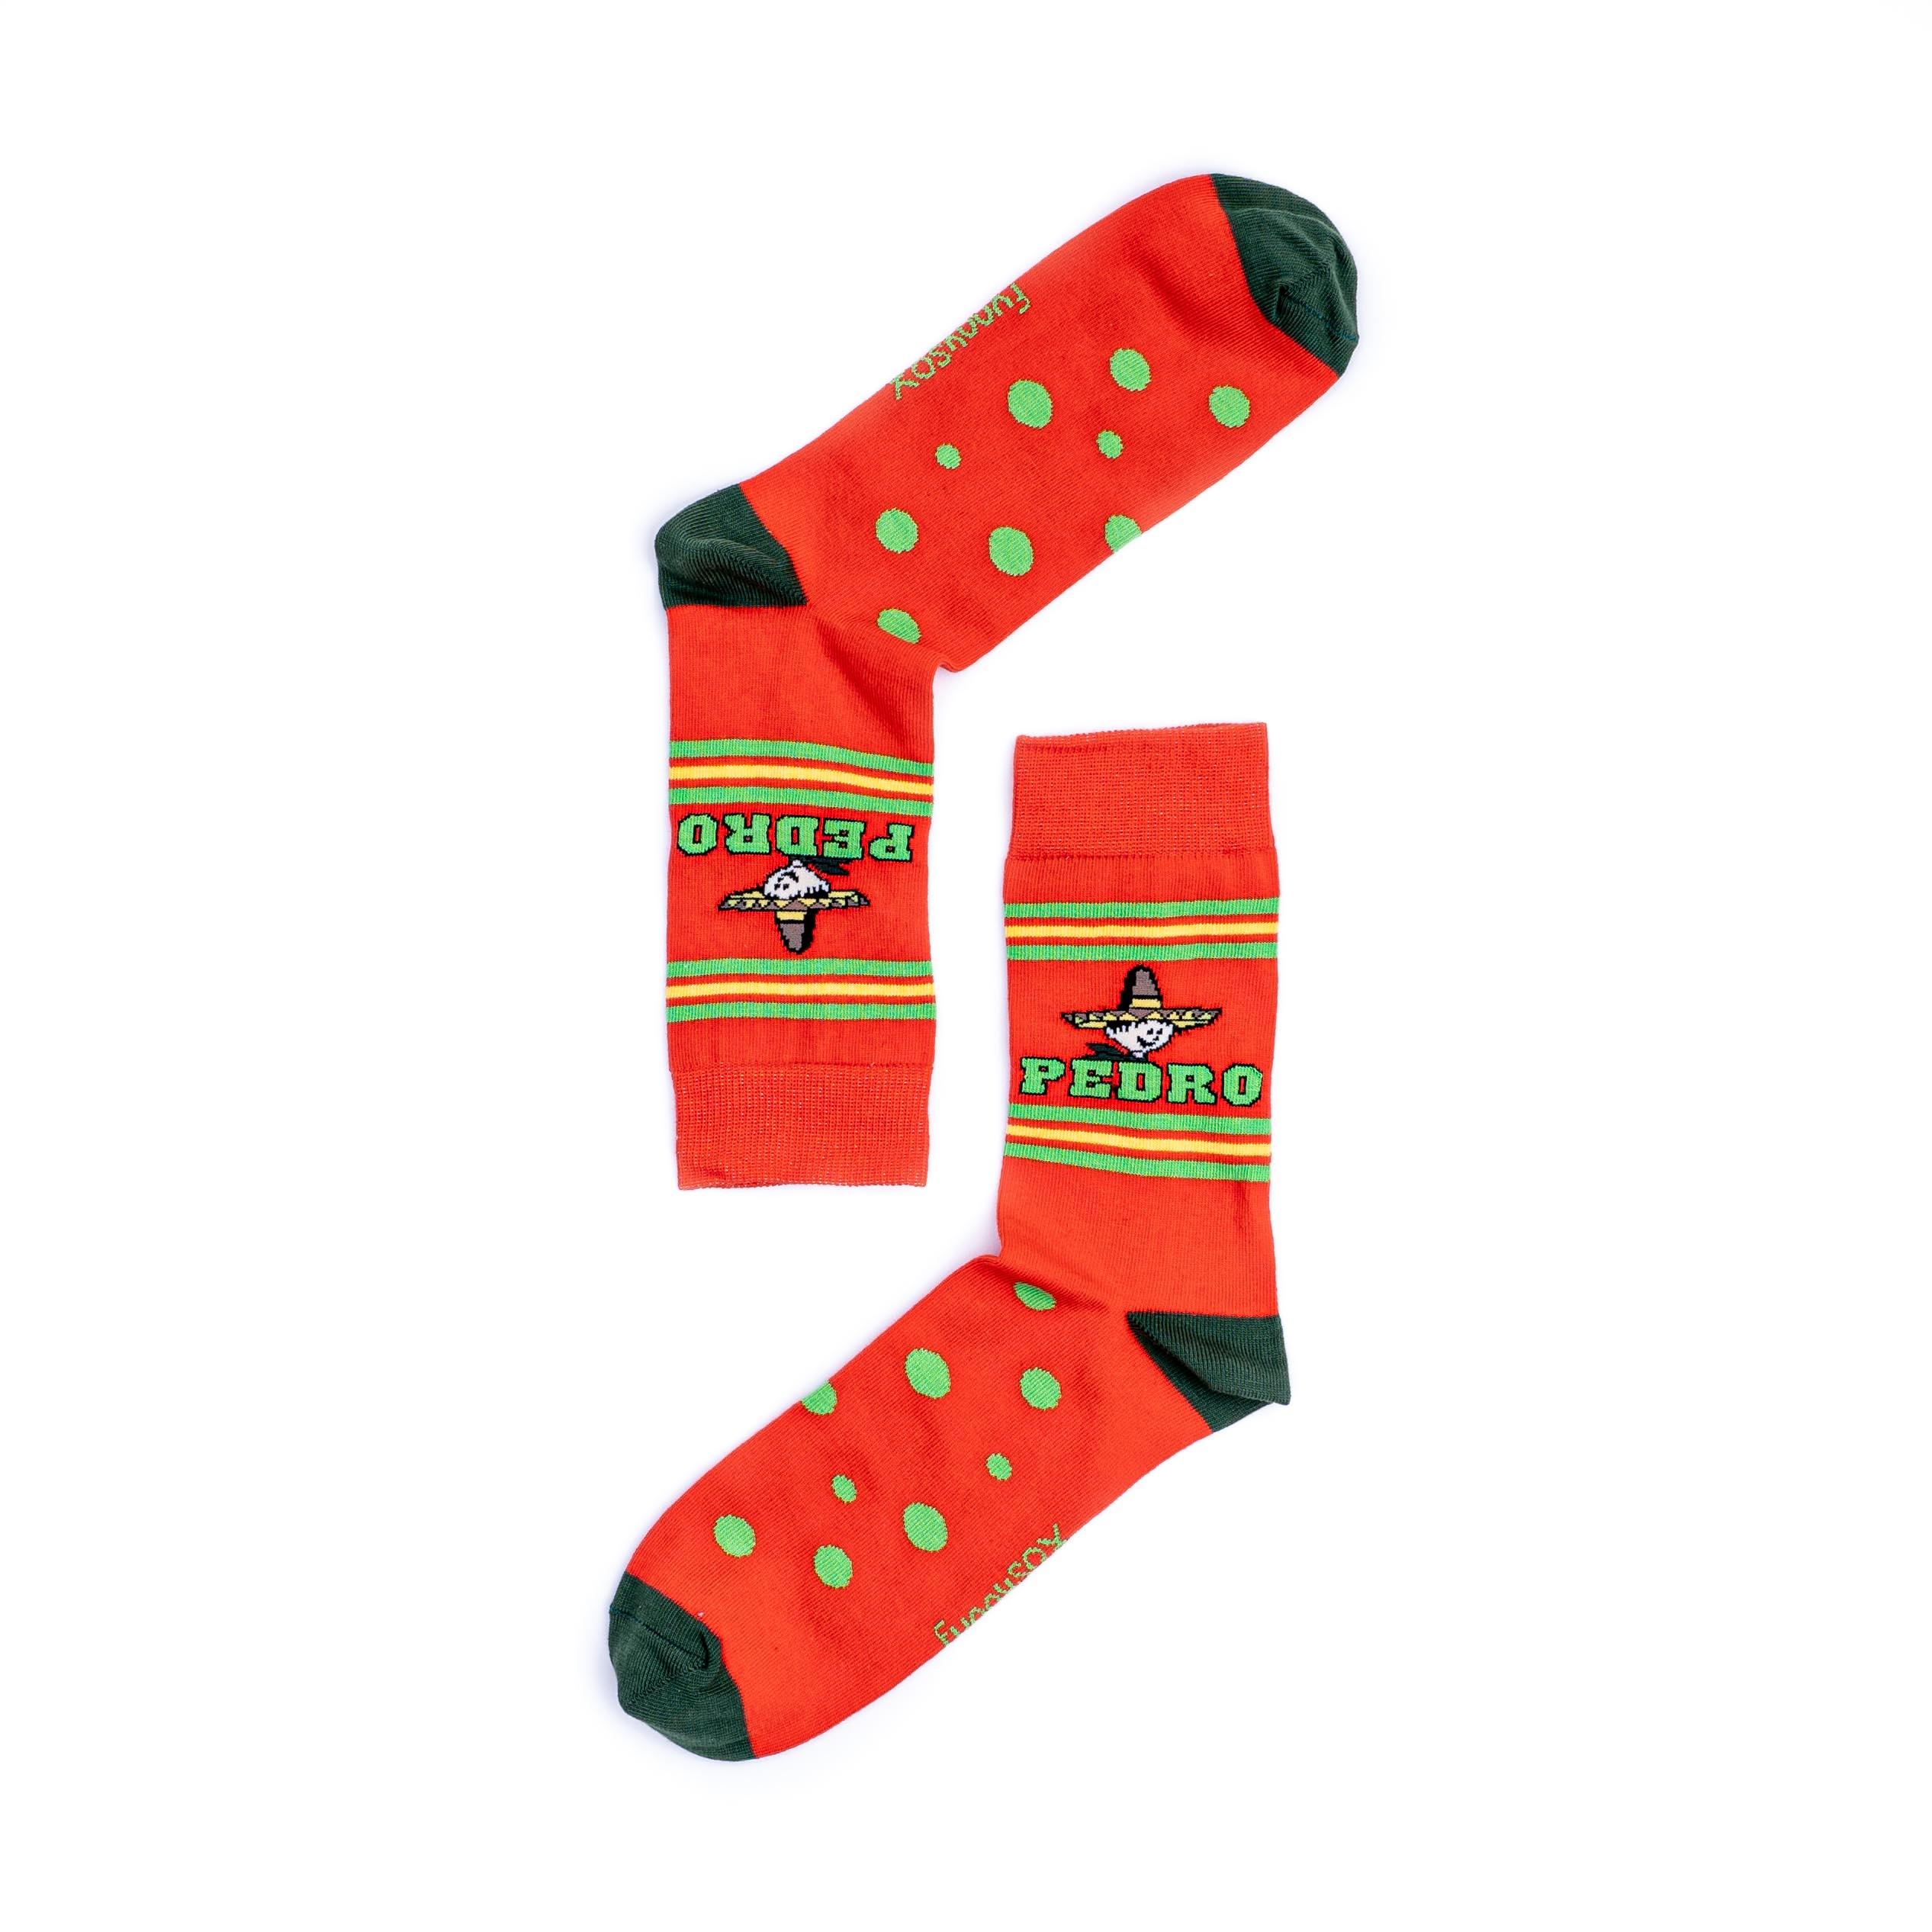 ponožky pedro